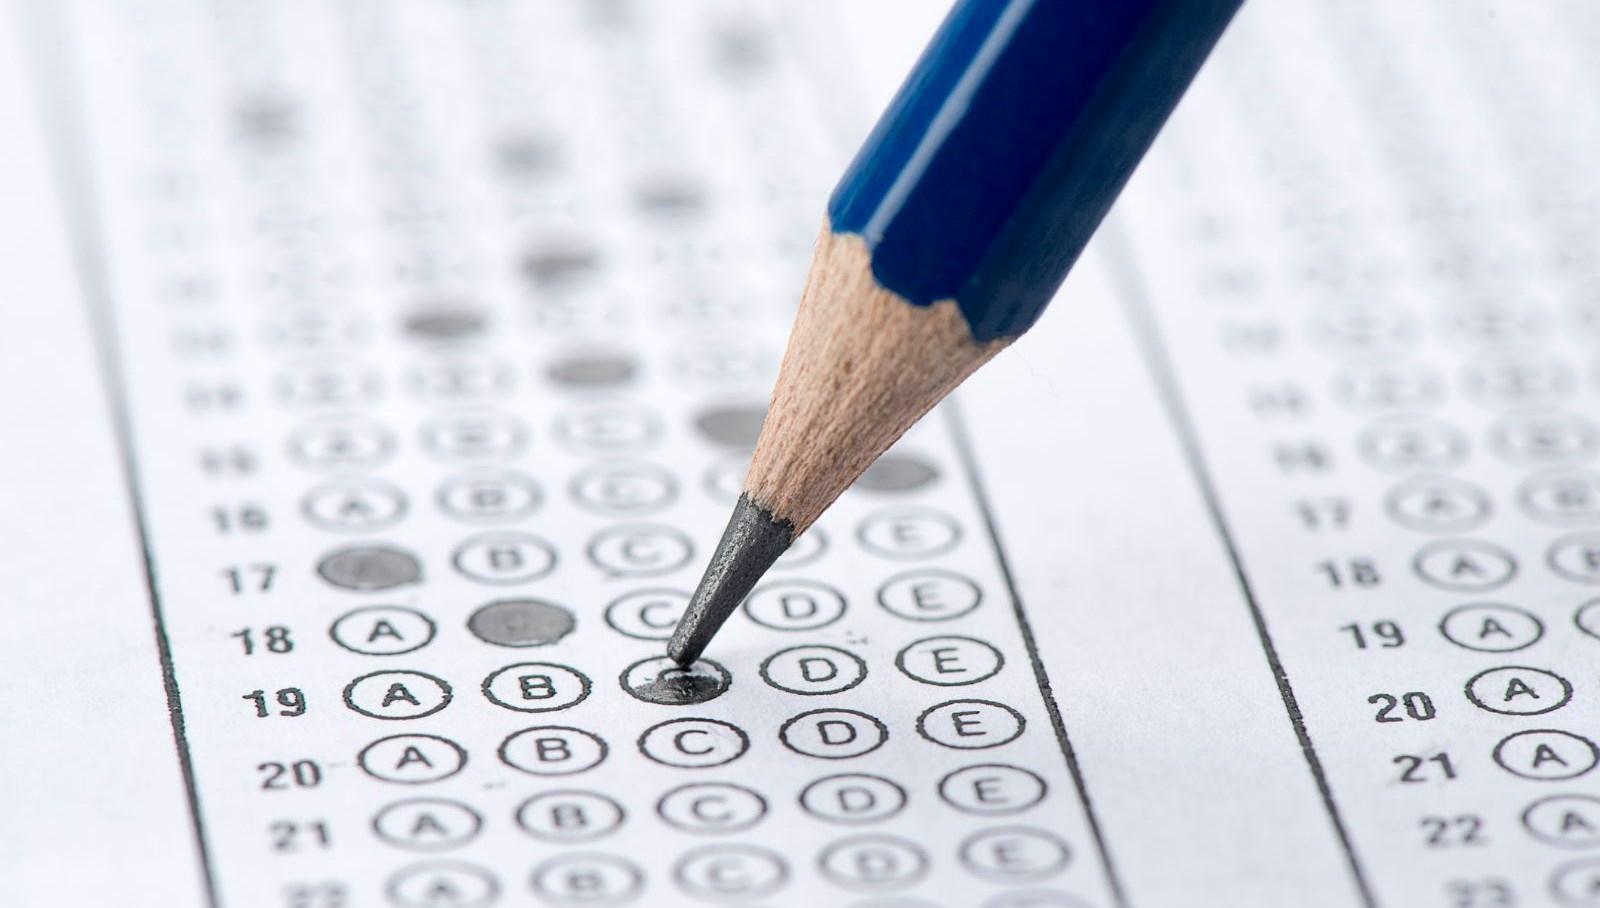 MEB bursluluk sınavı 2021 ne zaman yapılacak, başvurular hangi tarihte alınacak? İOKBS şartları neler?